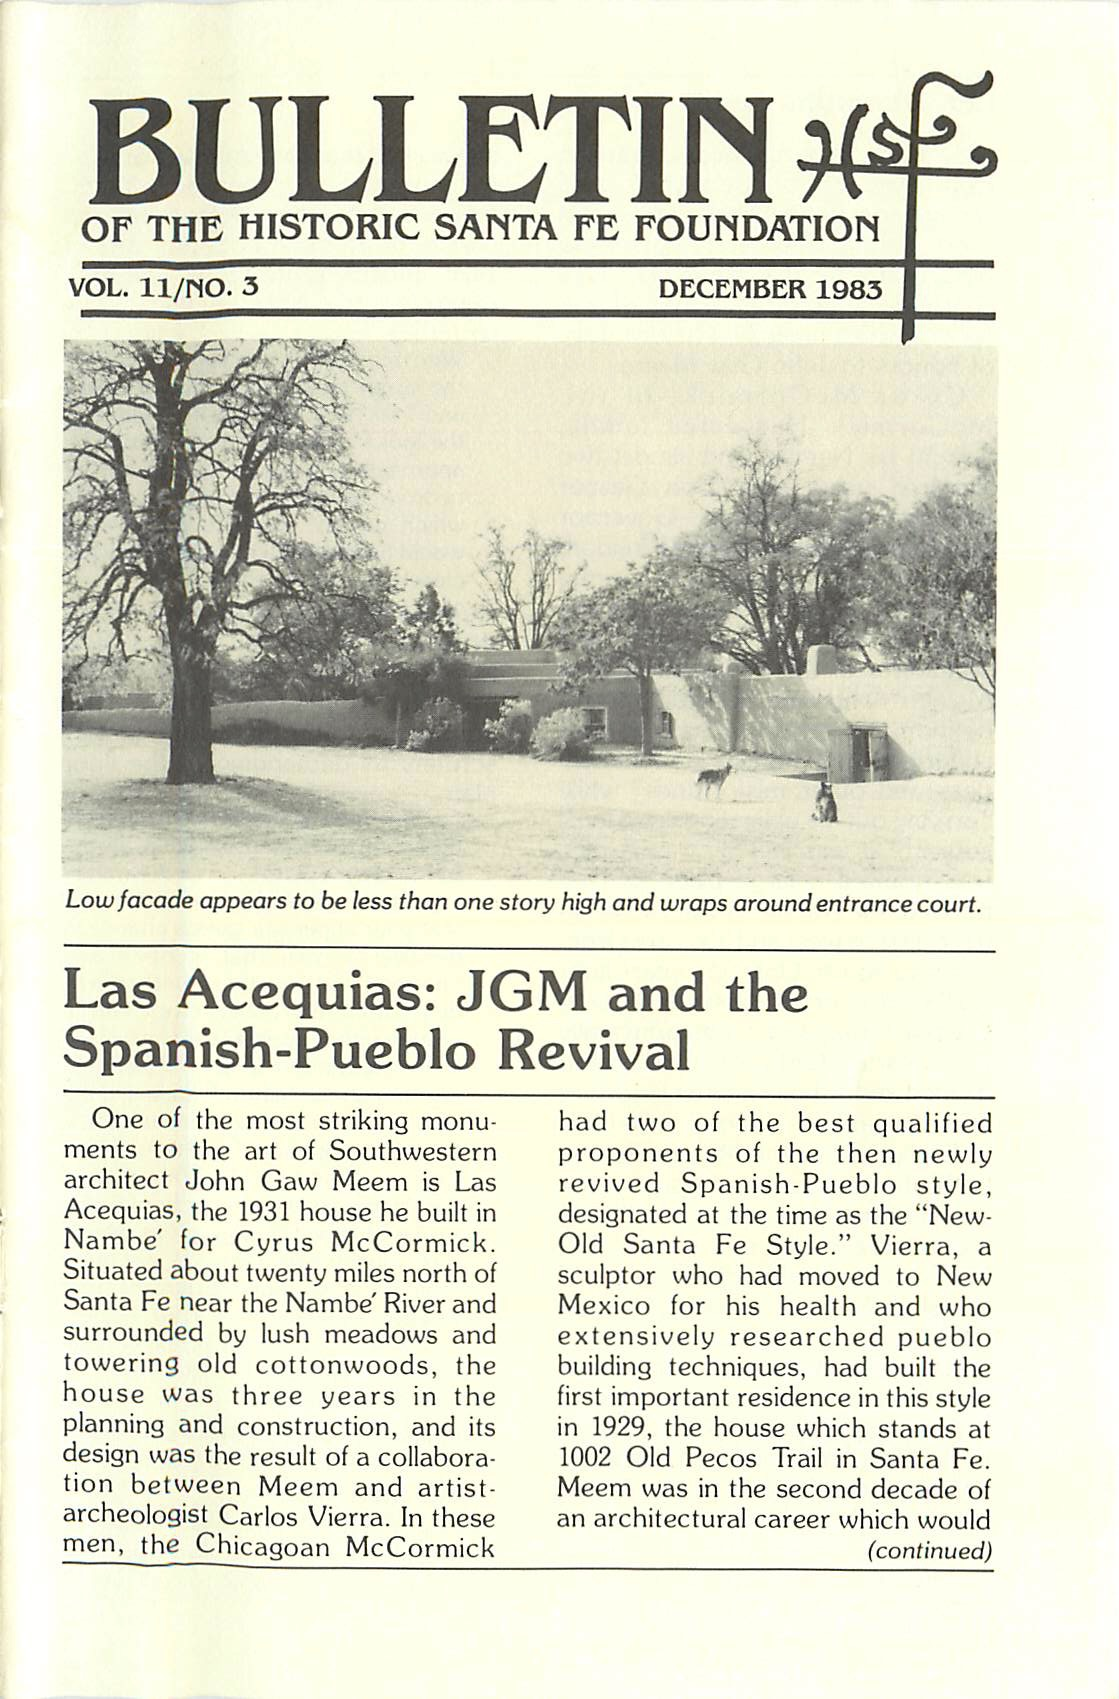 1983 HSFF Bulletin Vol.11 No.3 Cover